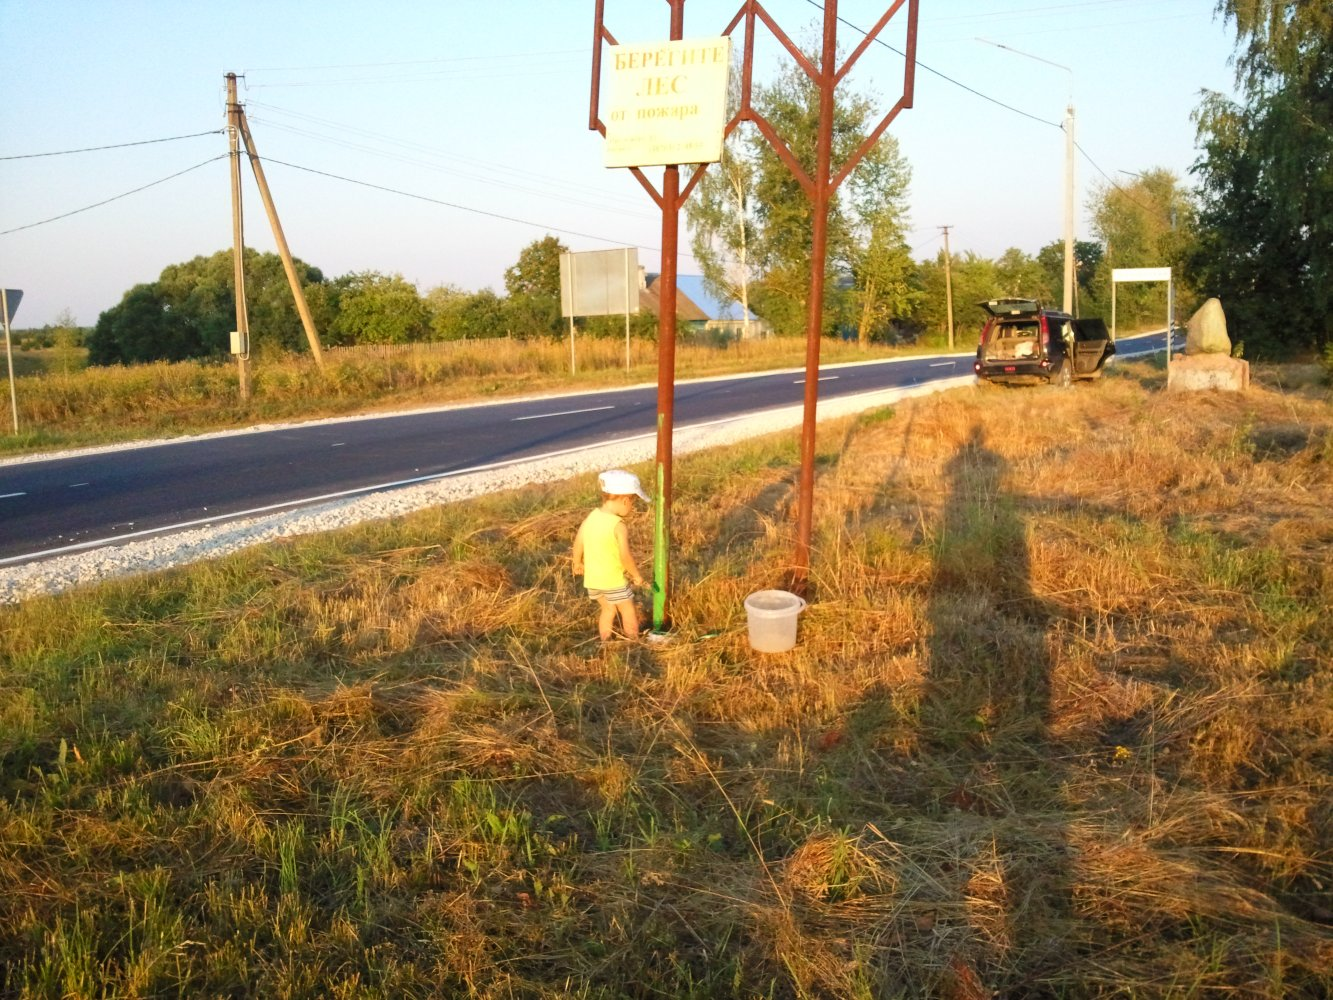 Фото НАША НАДЕЖДА.jpg. Россия, Калужская область, Р92